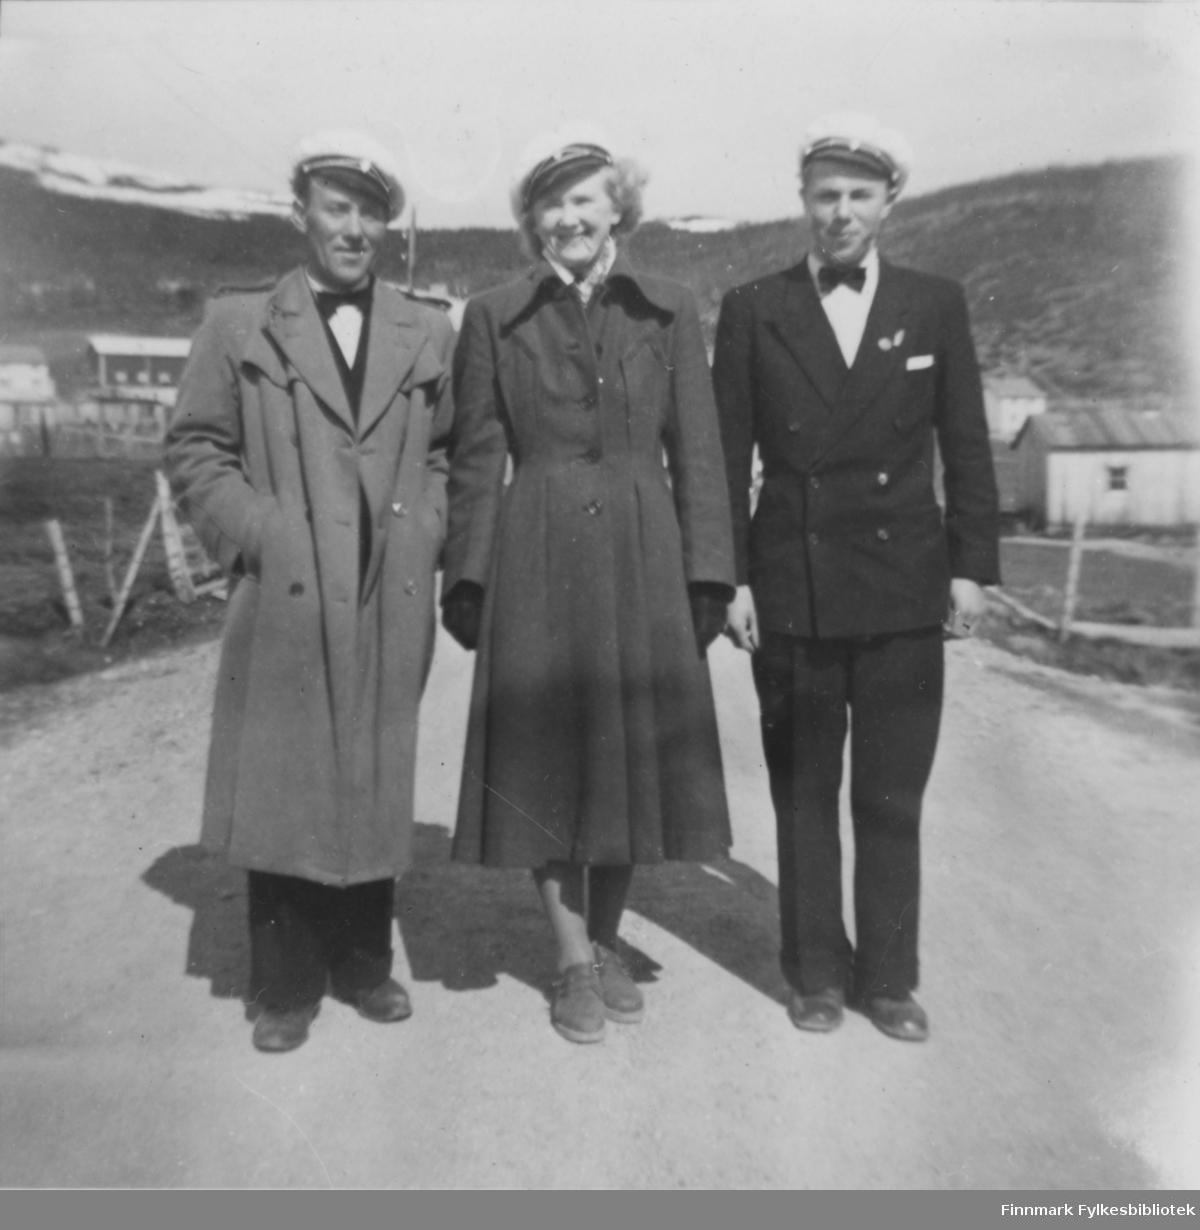 17. mai feiring i Nordvågen rundt 1948. Personene har sangerluer på seg. Irene Natalie Eriksen (født Helgesen) i midten. Trygve Eriksen til høyre og Magnus Johansen til venstre.